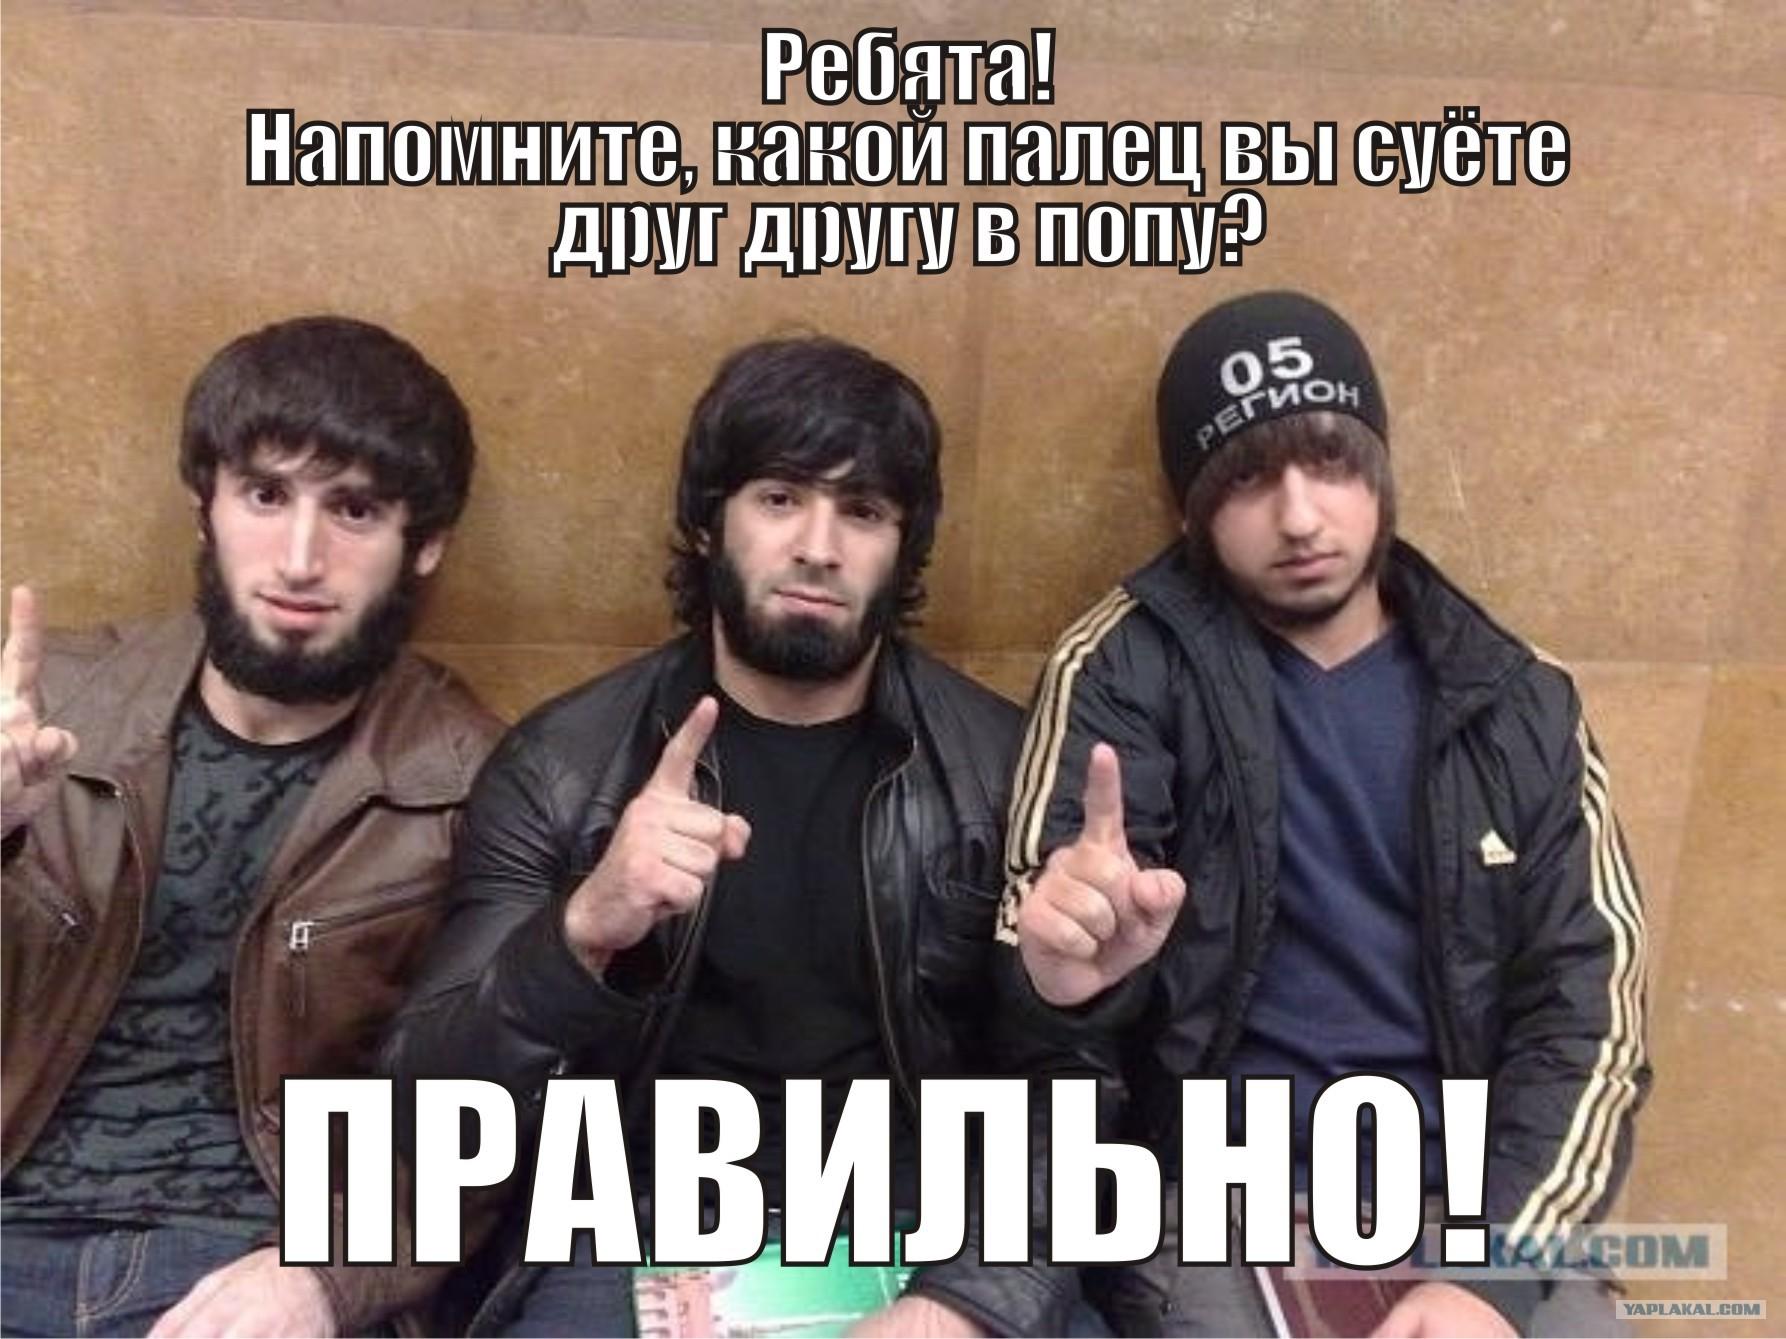 Чеченцы и русские девушки 2 фотография